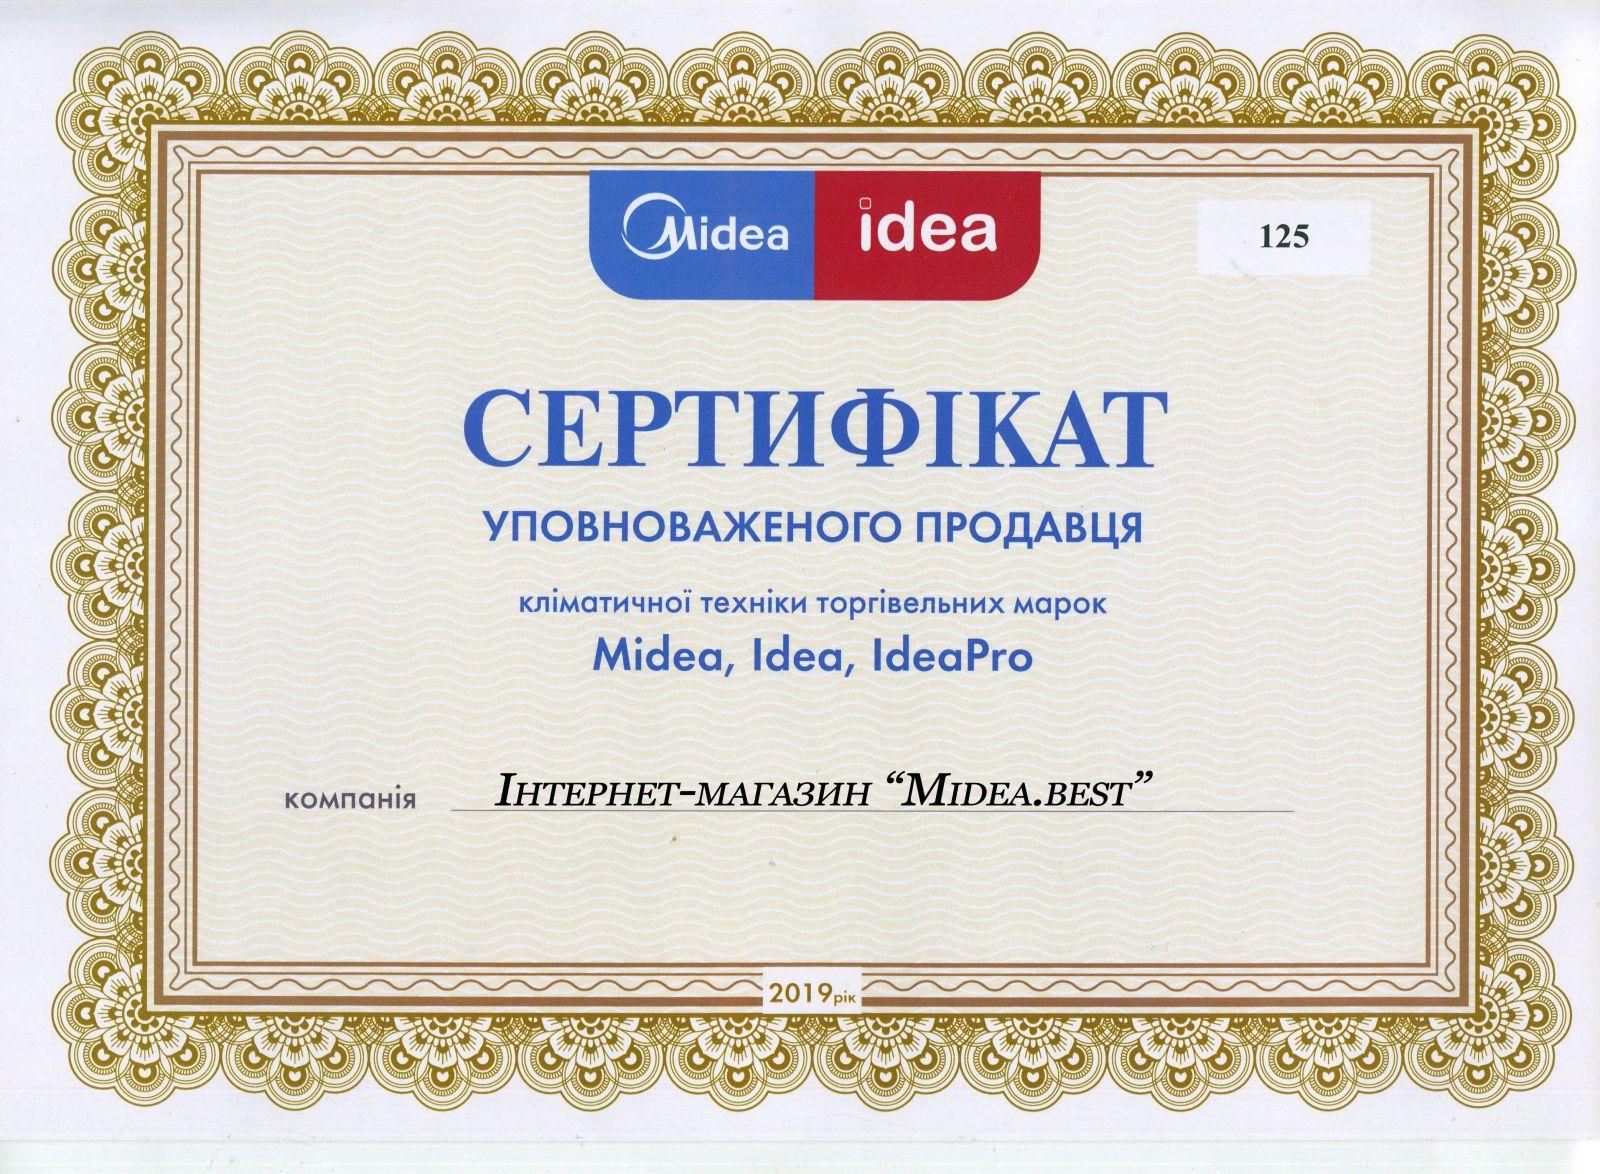 Midea Украина - официальный сайт дилера. Интернет-магазин кондиционеров. Купить Мидея в Украине